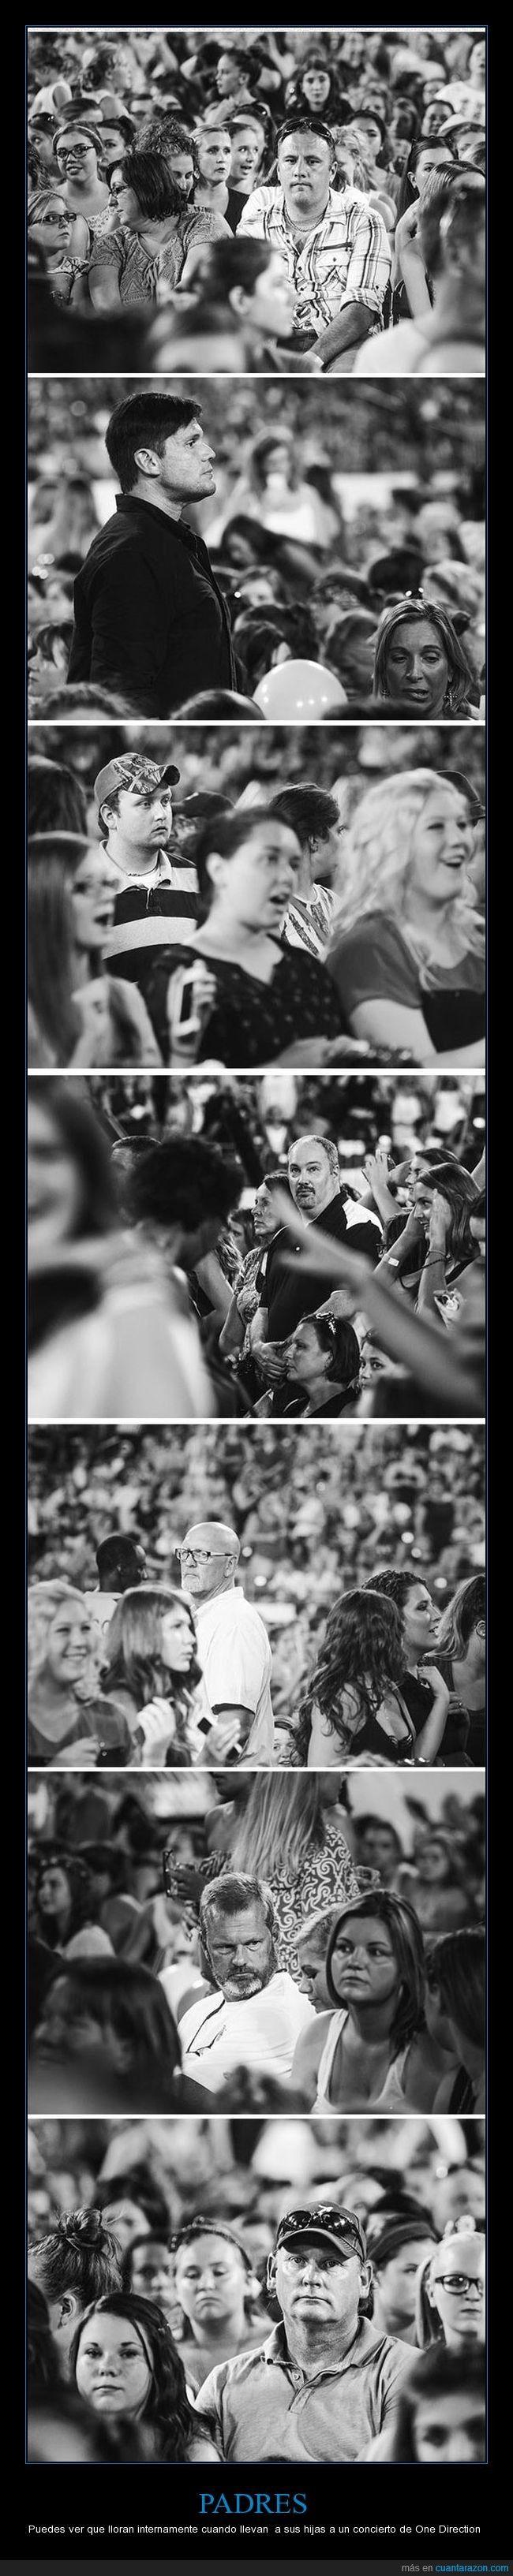 Éstas son las caras de los padres que llevan a sus hijas a un concierto de One Direction - Puedes ver que lloran internamente cuando llevan  a sus hijas a un concierto de One Direction   Gracias a http://www.cuantarazon.com/   Si quieres leer la noticia completa visita: http://www.estoy-aburrido.com/estas-son-las-caras-de-los-padres-que-llevan-a-sus-hijas-a-un-concierto-de-one-direction-puedes-ver-que-lloran-internamente-cuando-llevan-a-sus-hijas-a-un-concierto-de-one-d